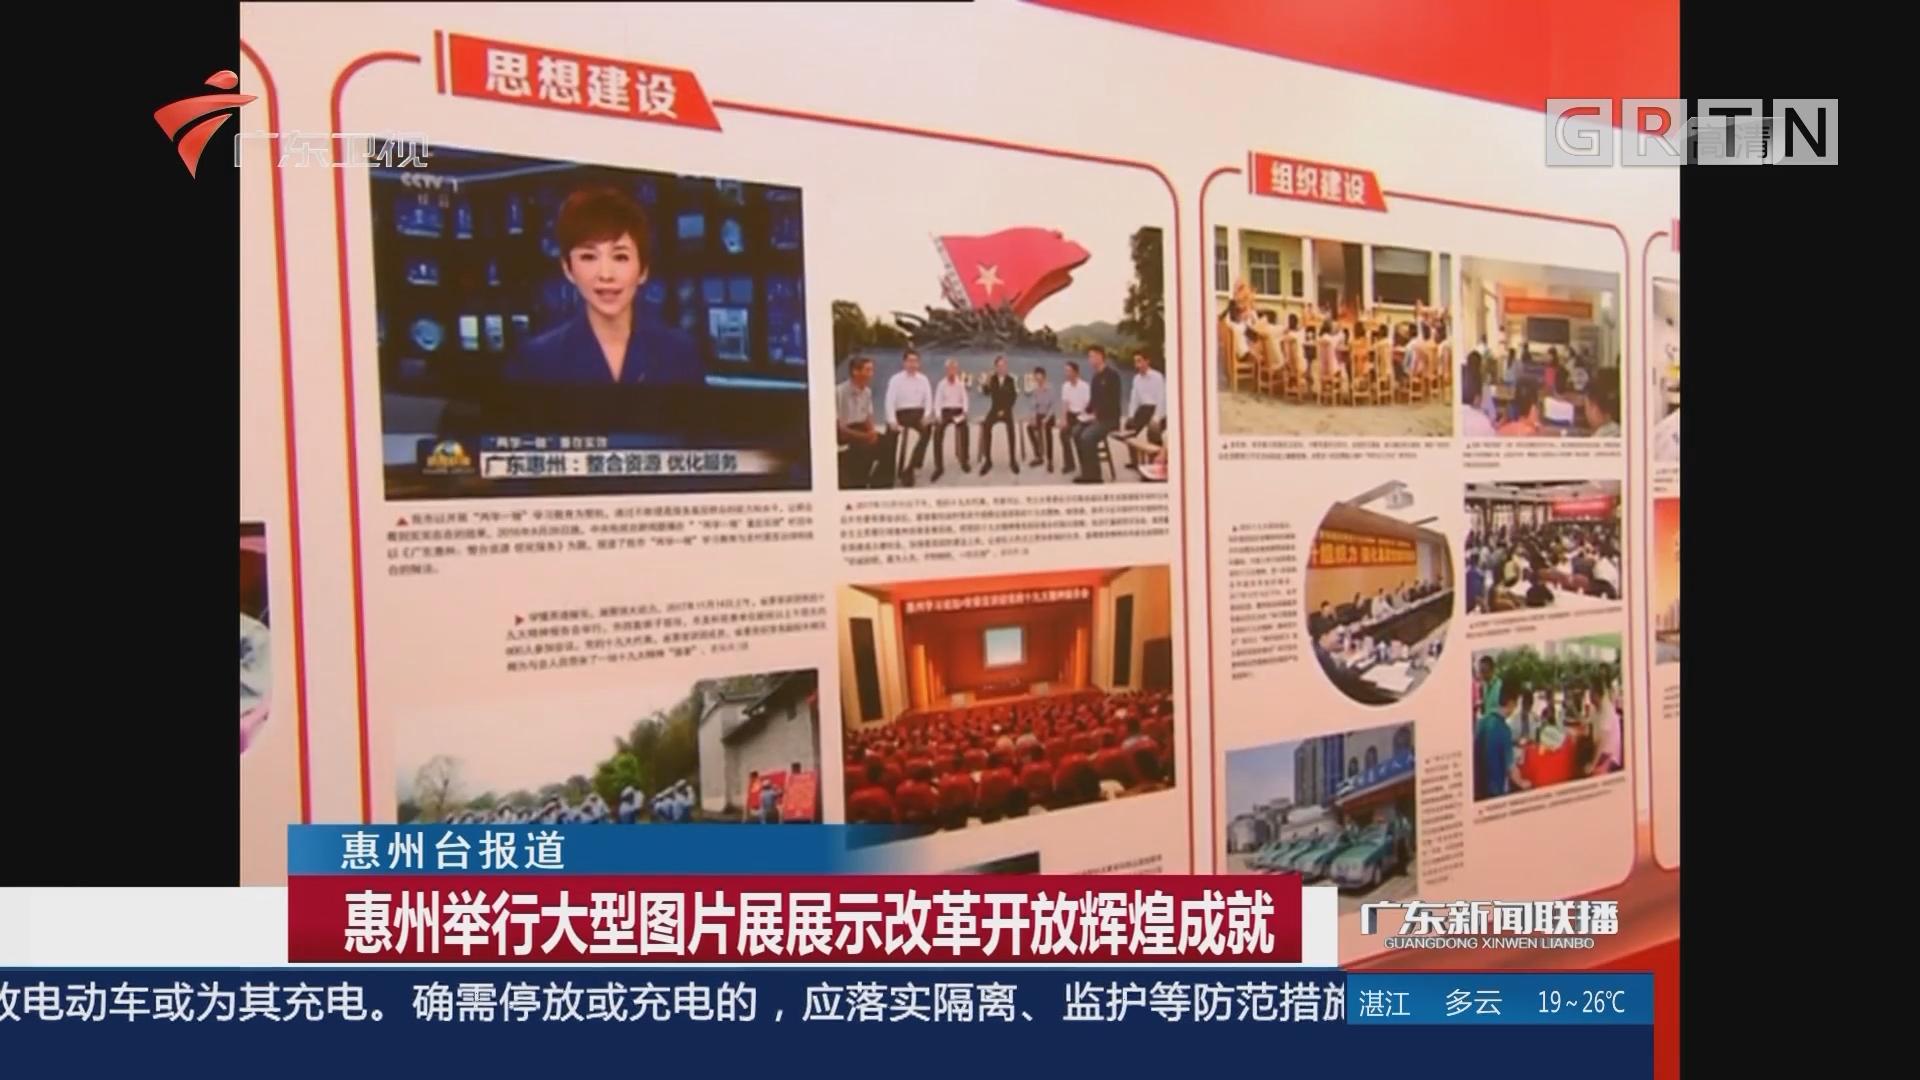 惠州举行大型图片展展示改革开放辉煌成就